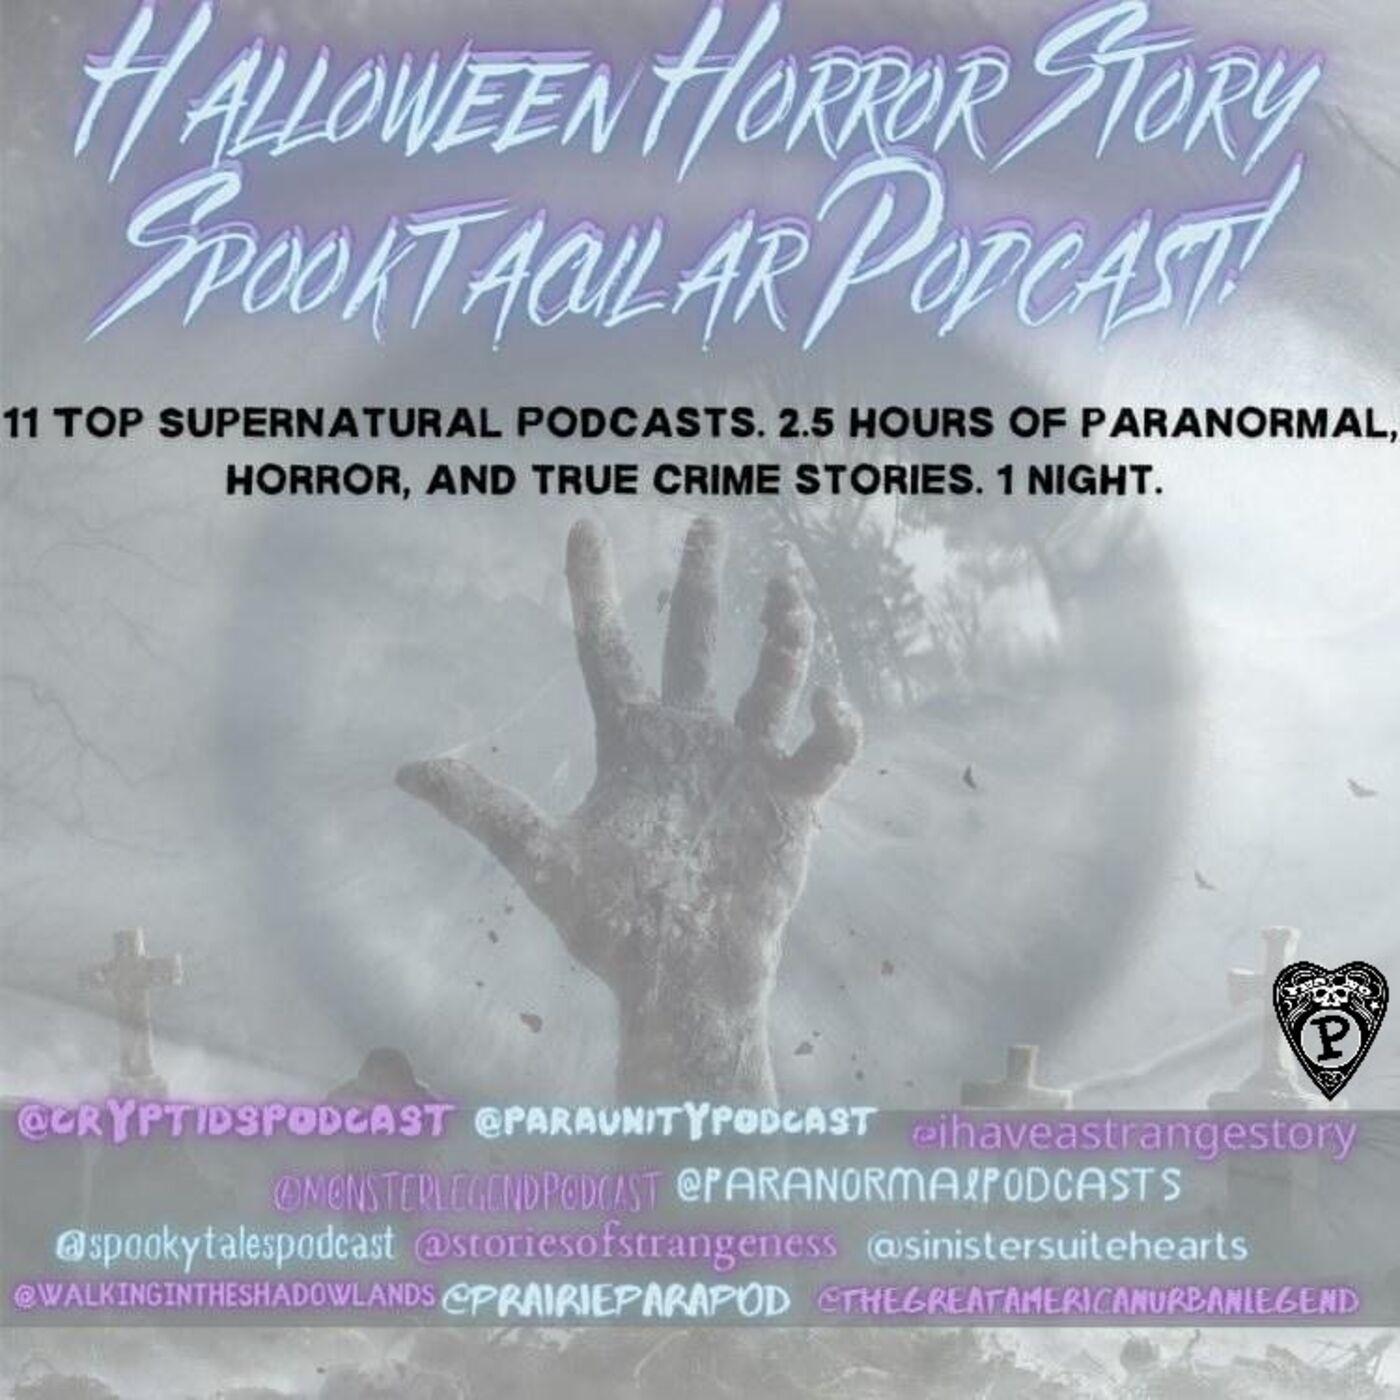 Episode 37 Halloween Horror Stories